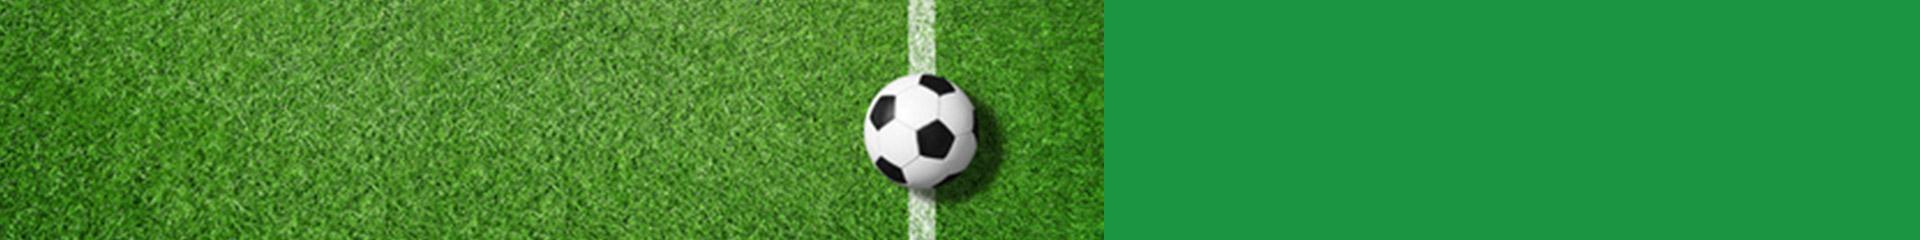 bg-1920×240-calcio-a5